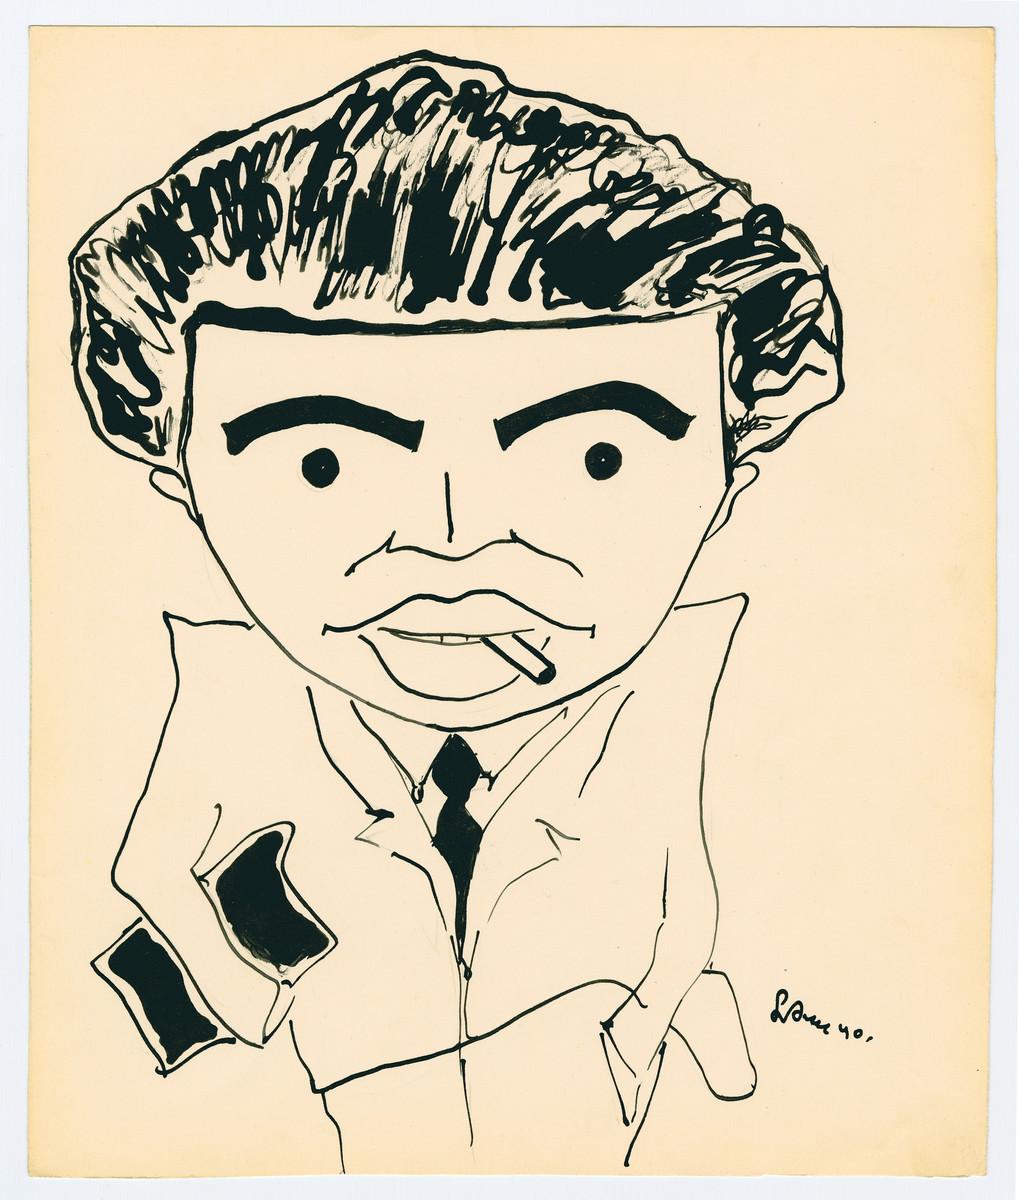 Caricature by Lutek Orenbach of Henick Lieberman.